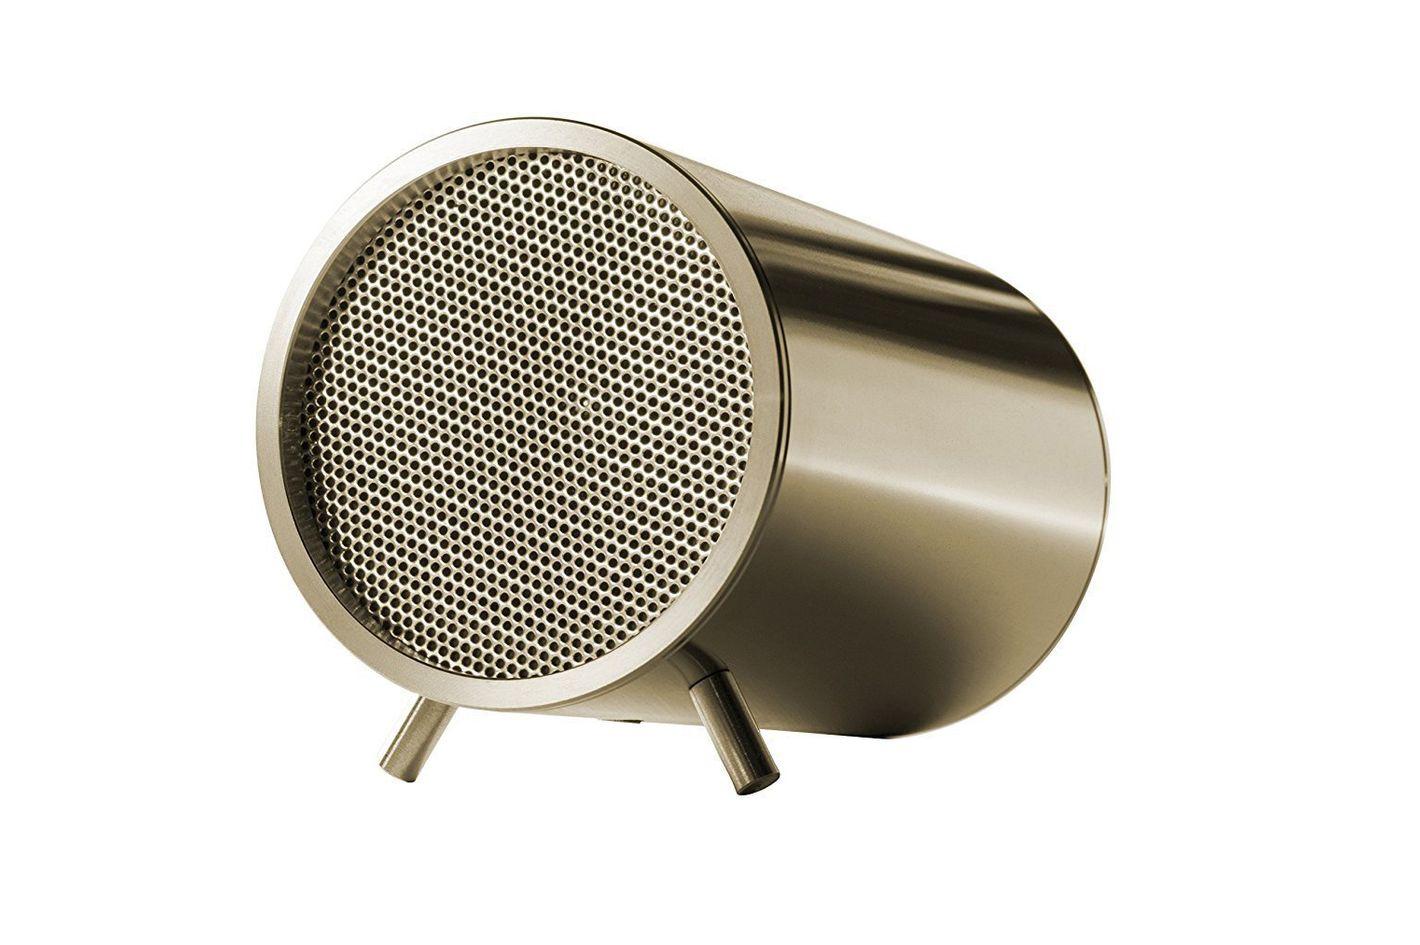 Leff Amsterdam Tube Audio Speaker by Piet Hein Eek